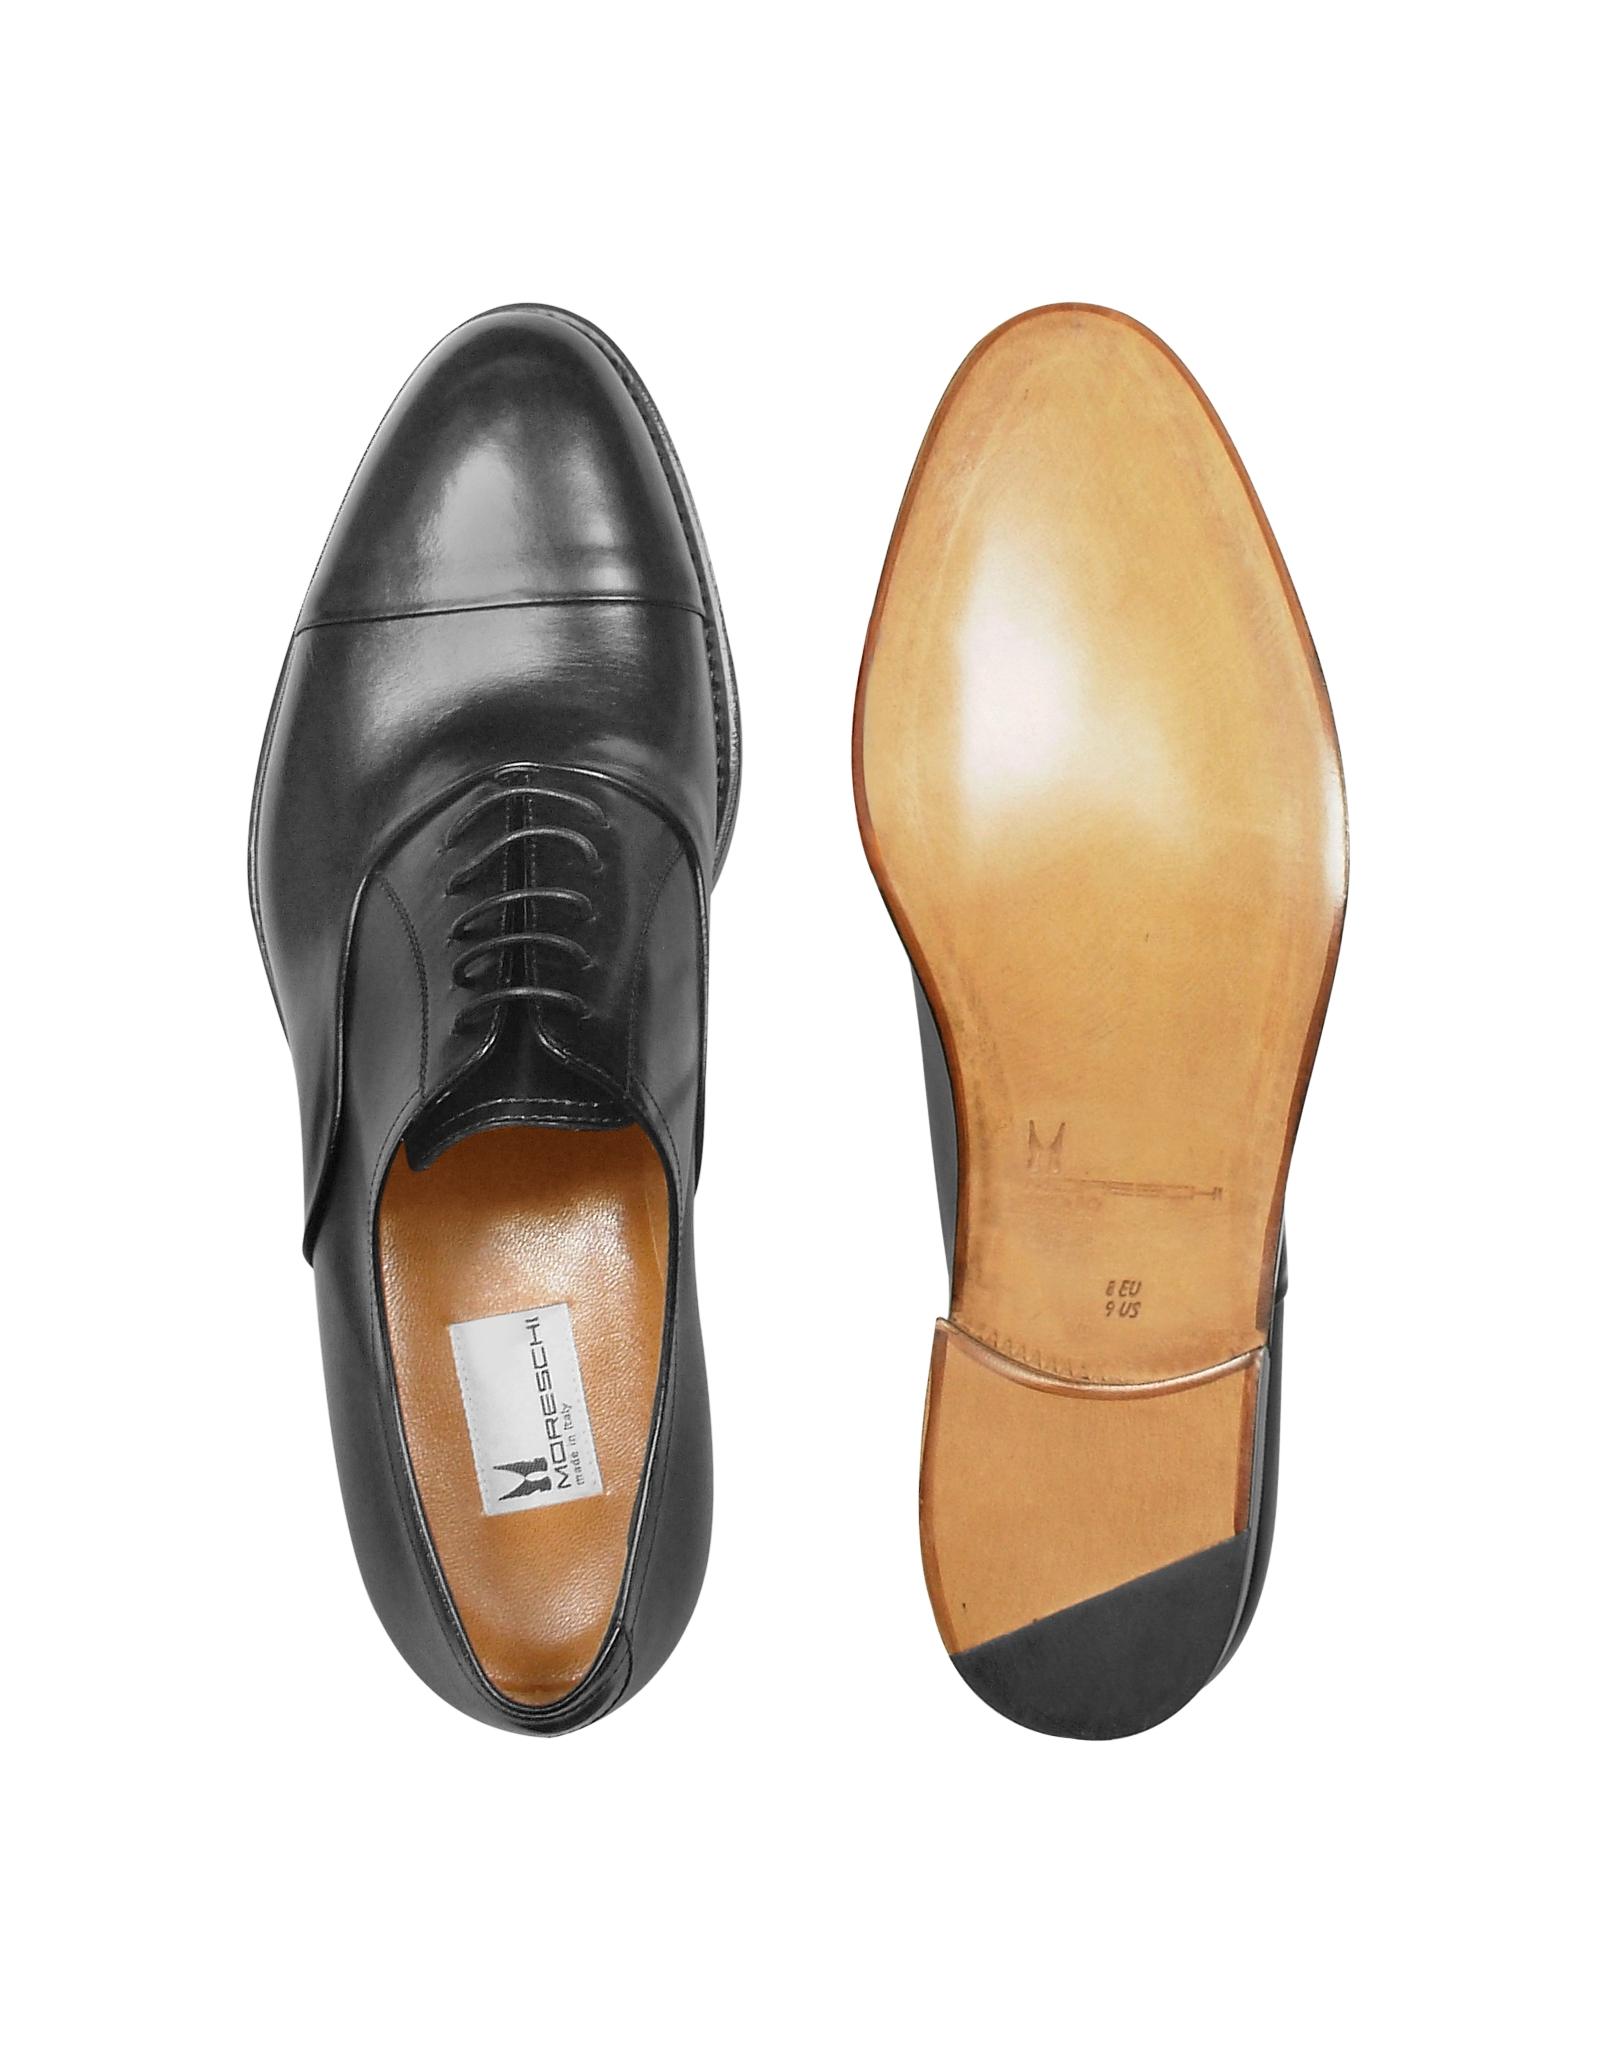 Moreschi Shoes Australia